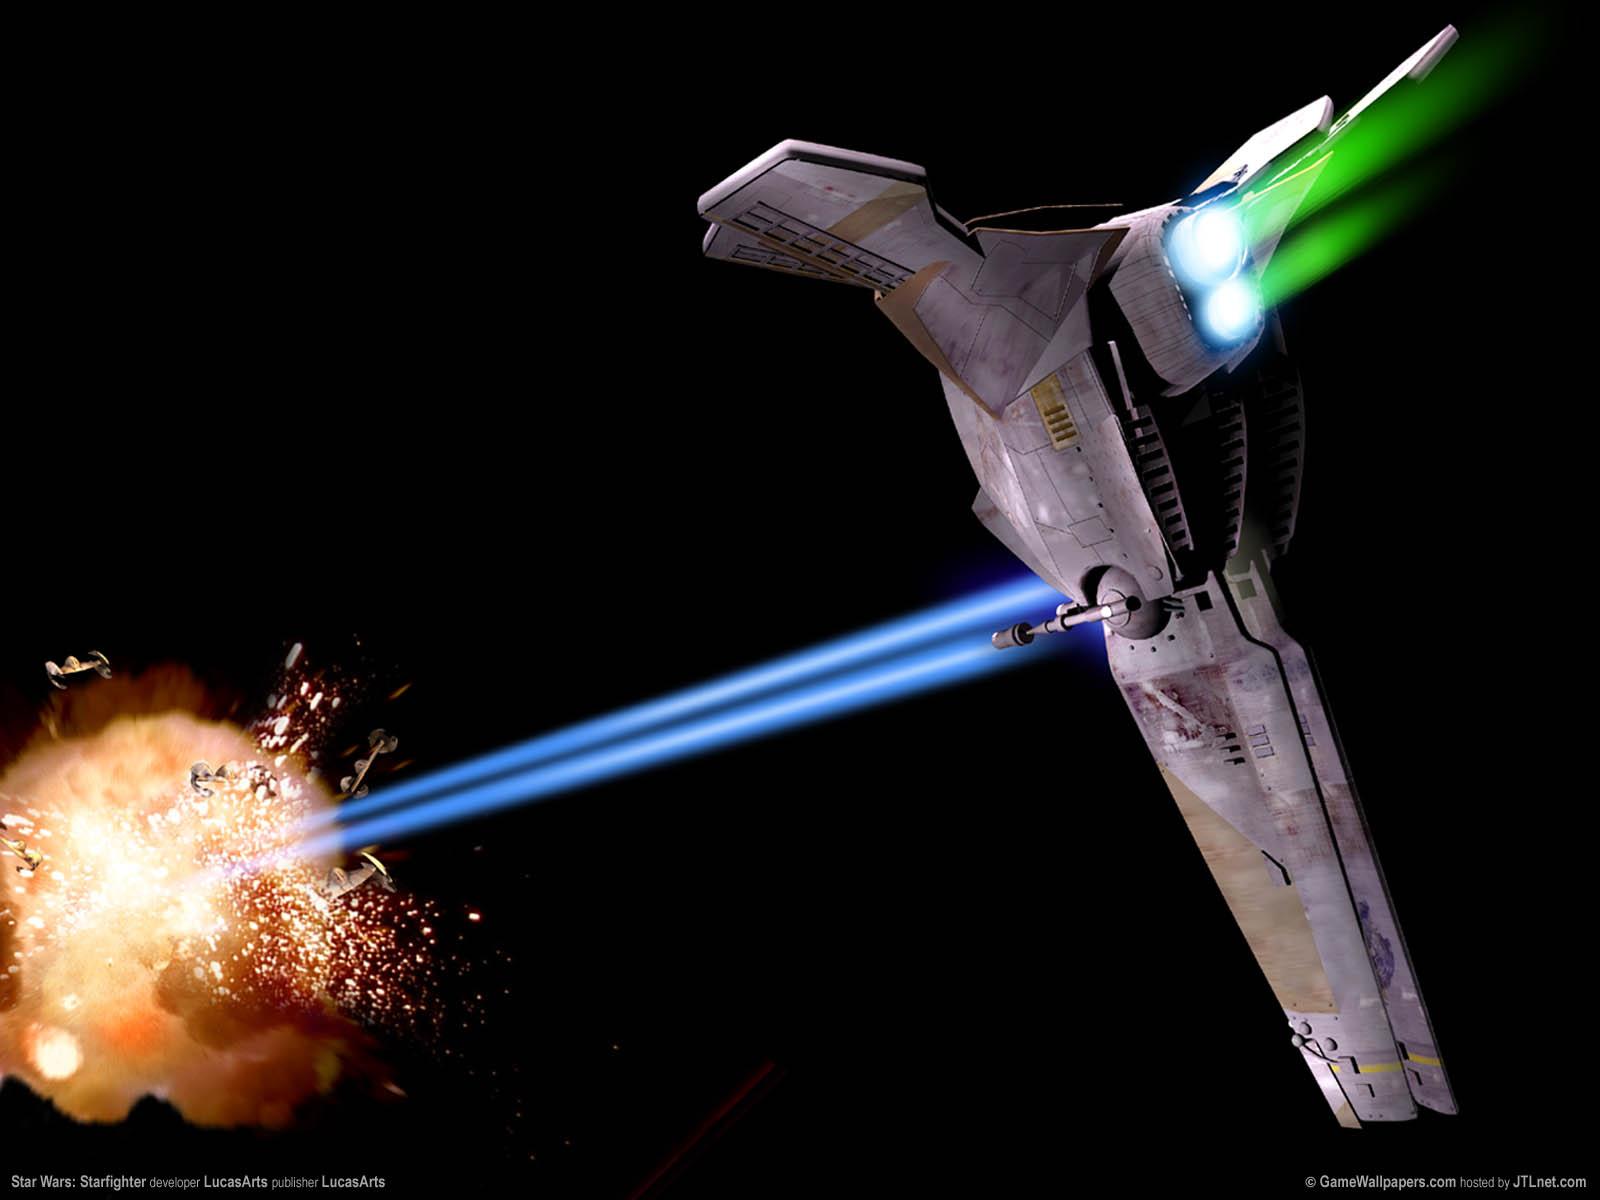 Star Wars: Starfighterνmmer=03 achtergrond  1600x1200